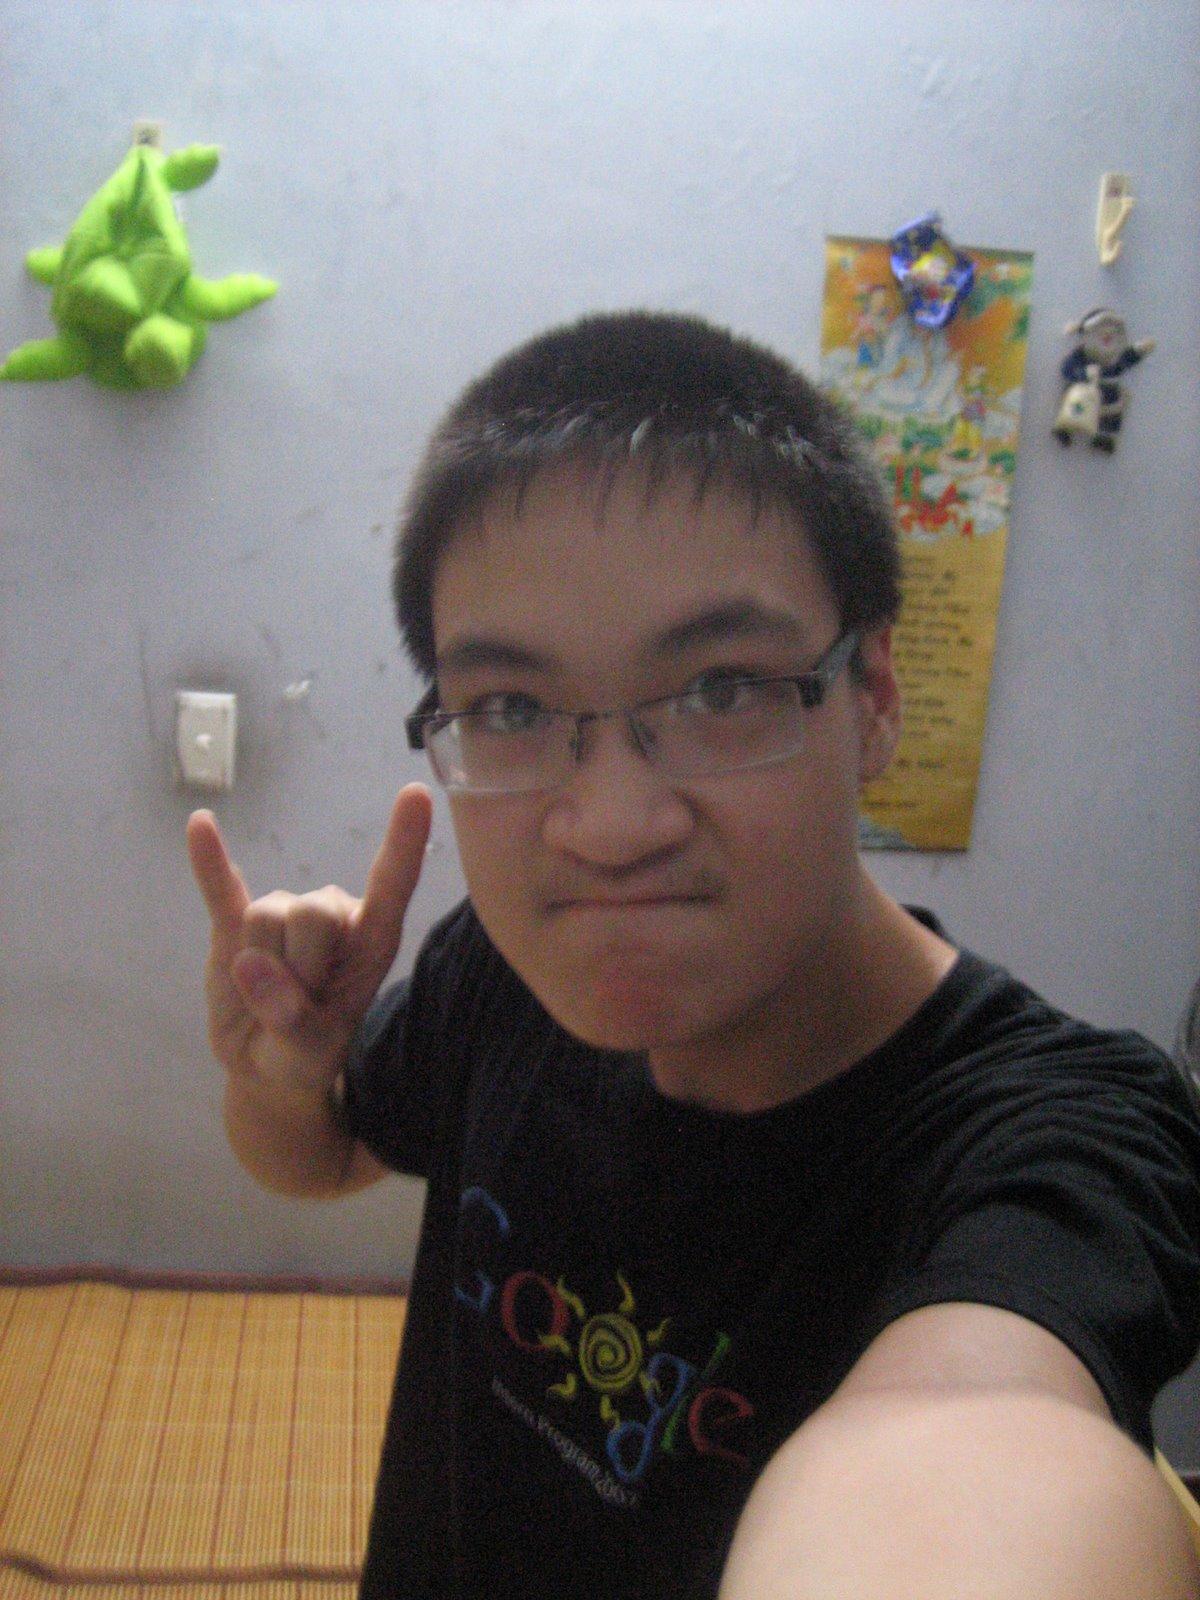 http://1.bp.blogspot.com/_Nb7e3KpU_Oo/TEr8XU4PilI/AAAAAAAAAQo/Sao1MIhOp2s/s1600/IMG_0116.JPG